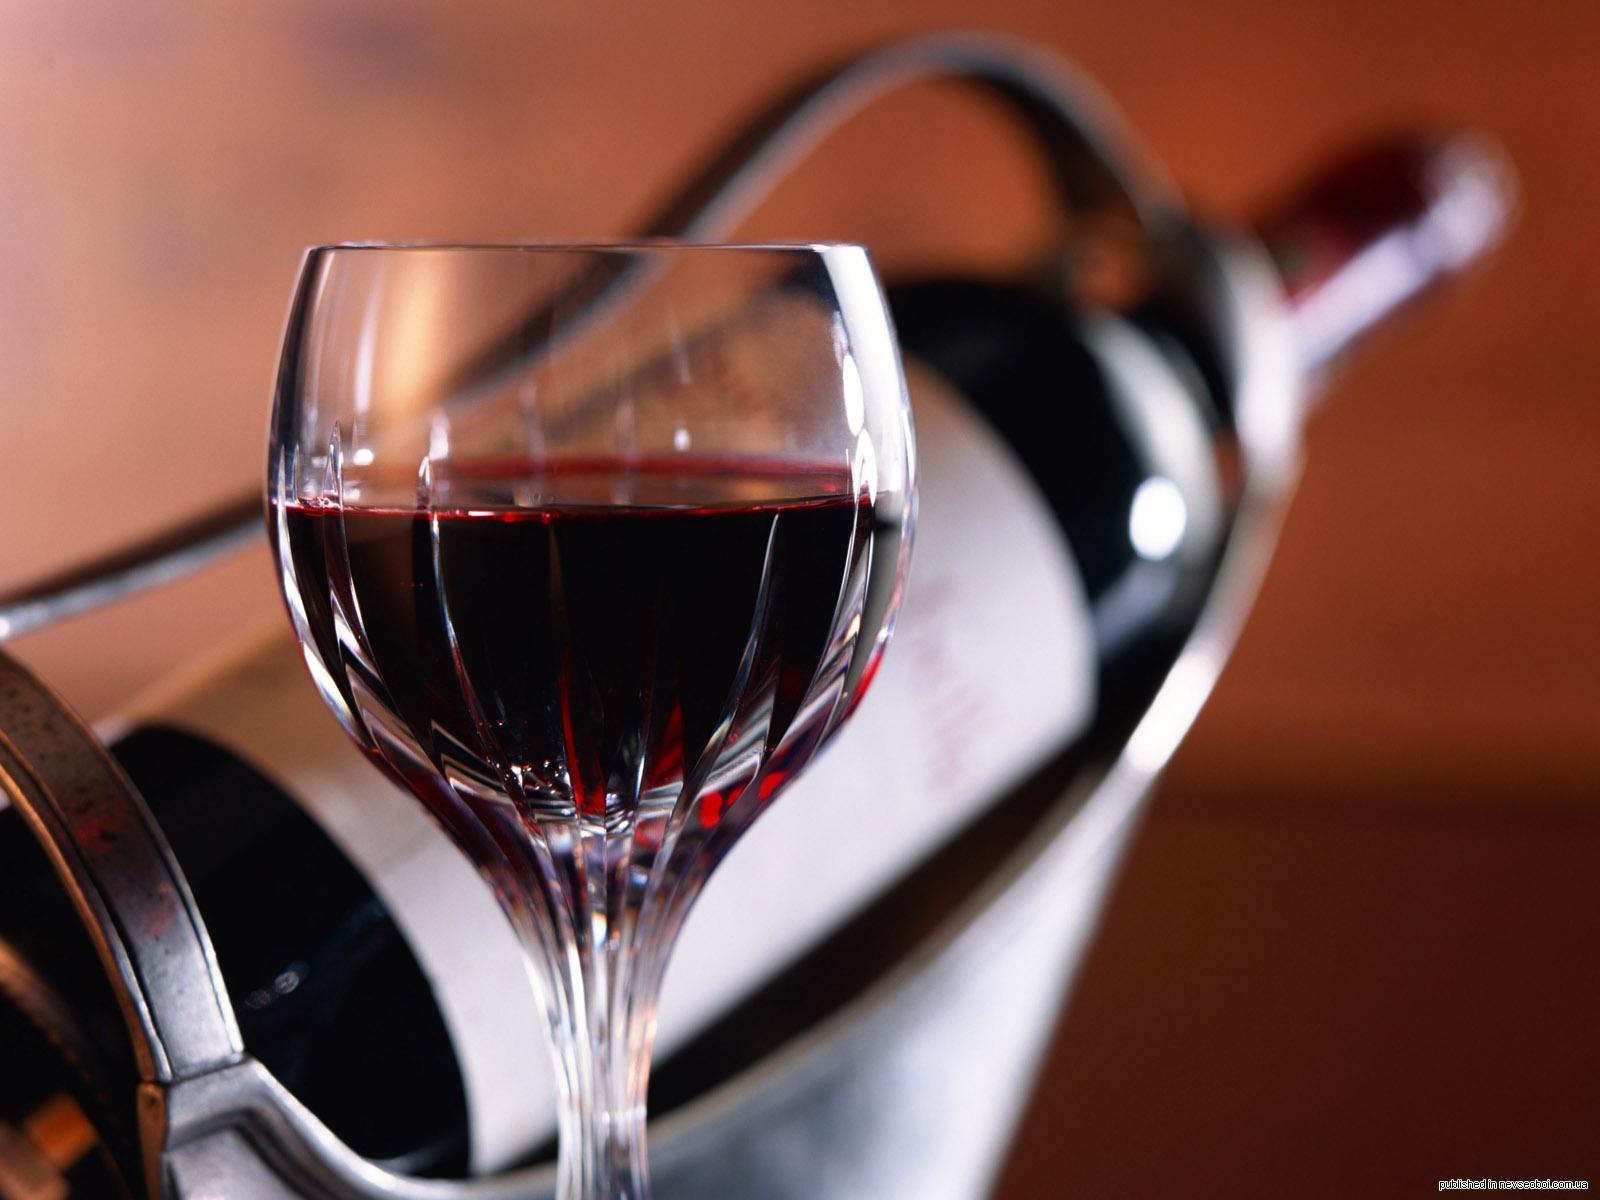 Какими целебными свойствами обладает красное вино?